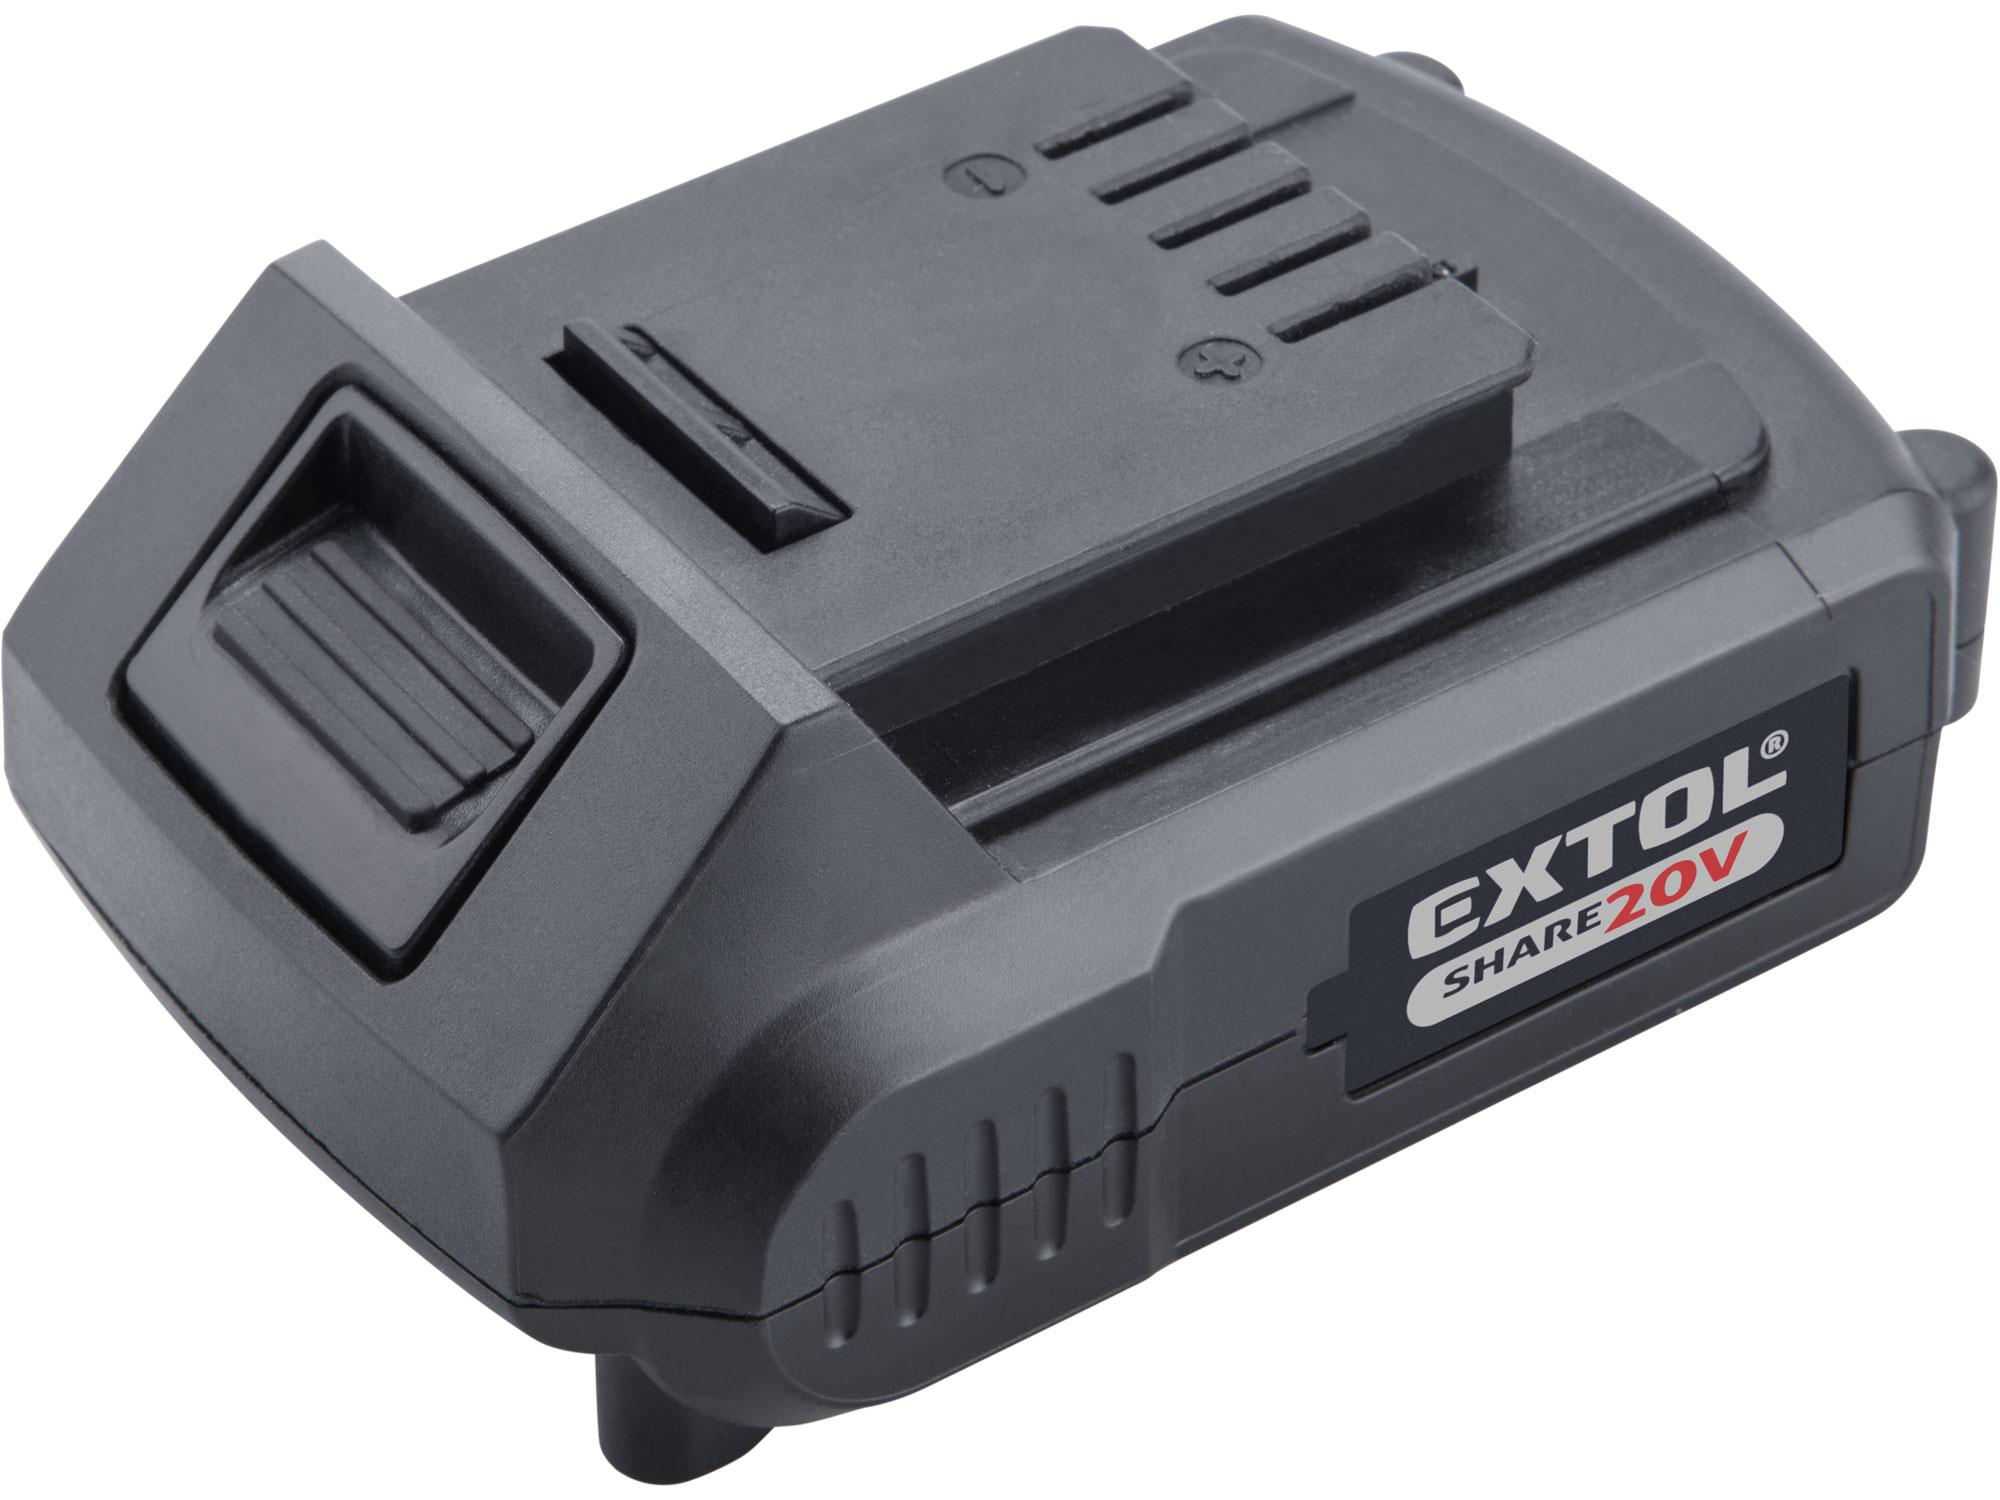 battery 20V Li-ion, 2000mAh